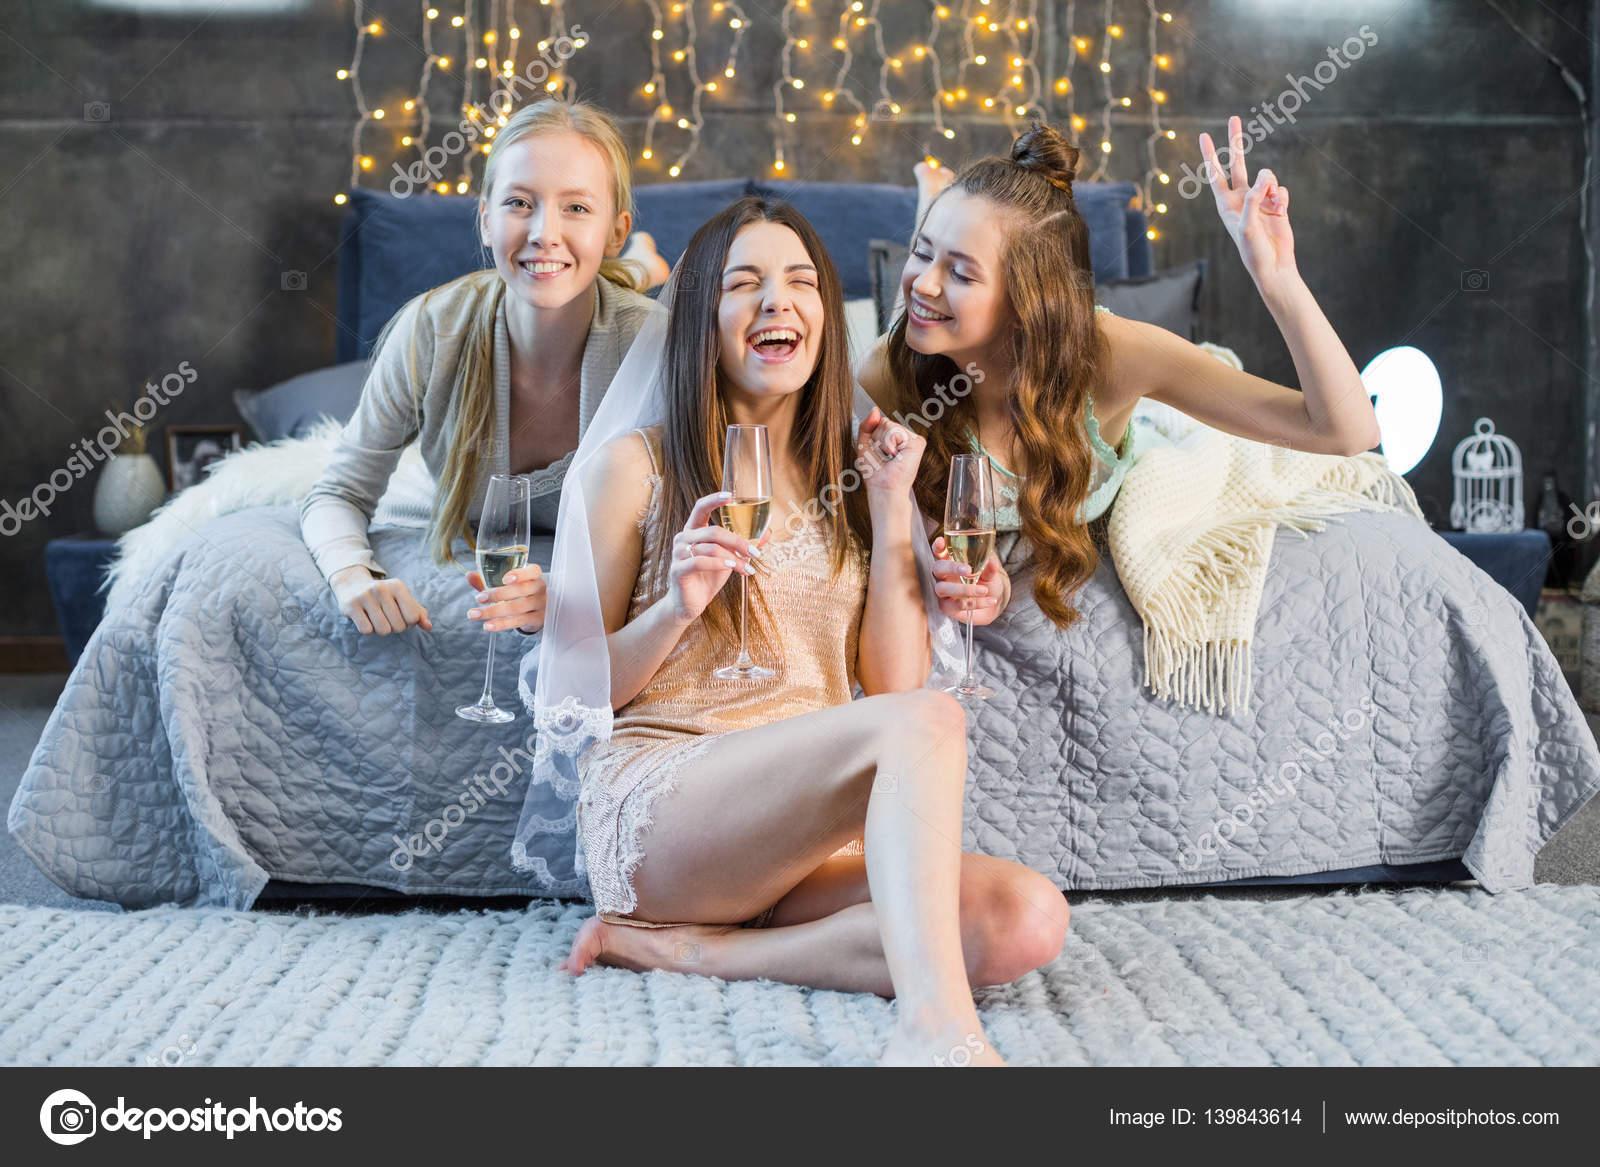 μεγάλη λεία λευκά κορίτσια πρωκτικό σεξ